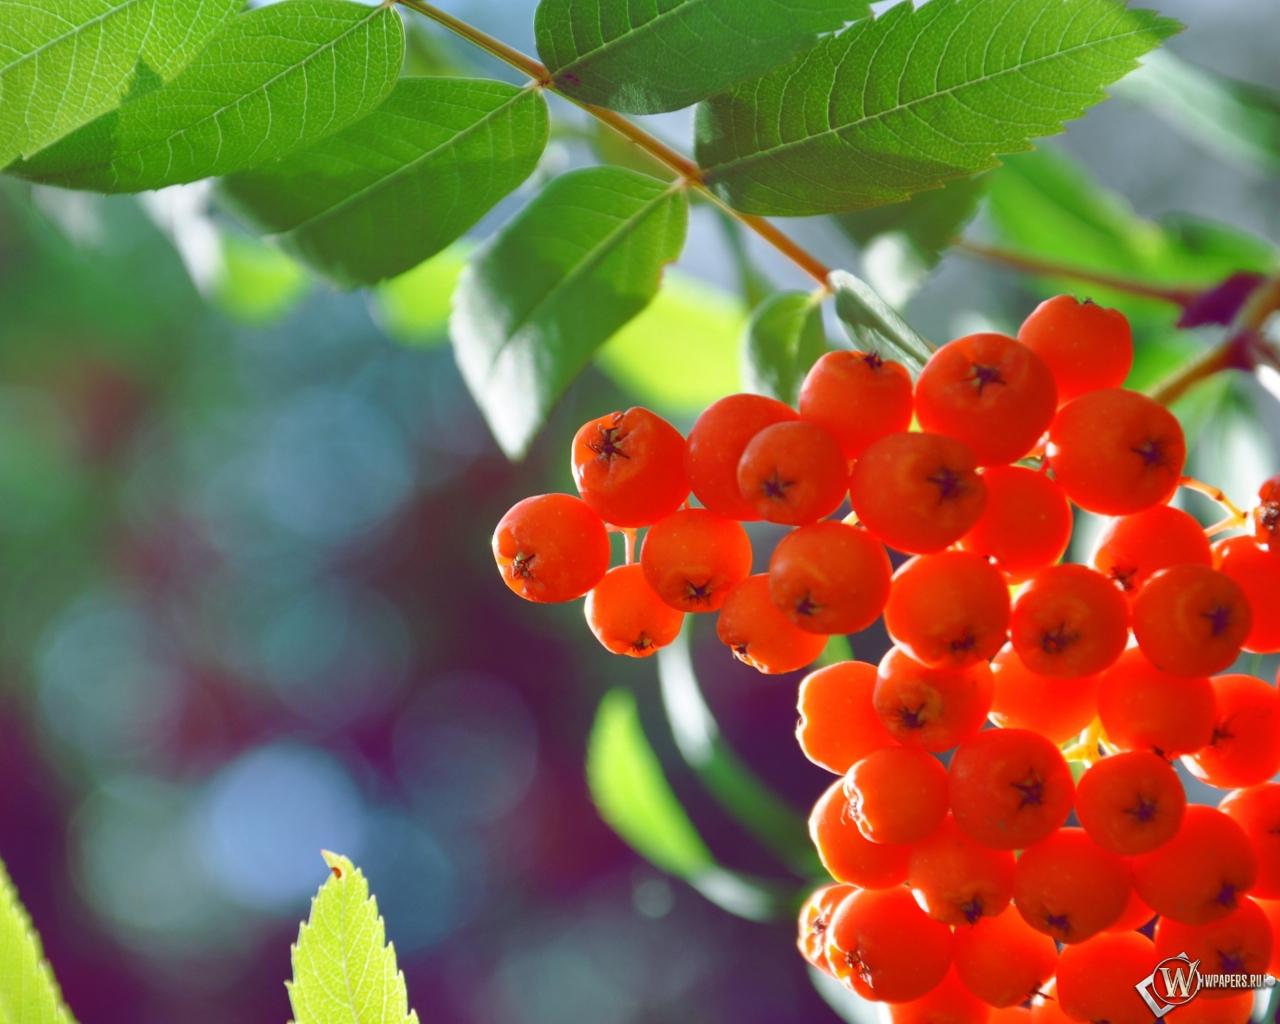 рябина ягоды обоев 37 рябина обоев 7: wpapers.ru/wallpapers/Plants/8664/1280-1024_%C3%90%C2%A0%C3%91%C2...